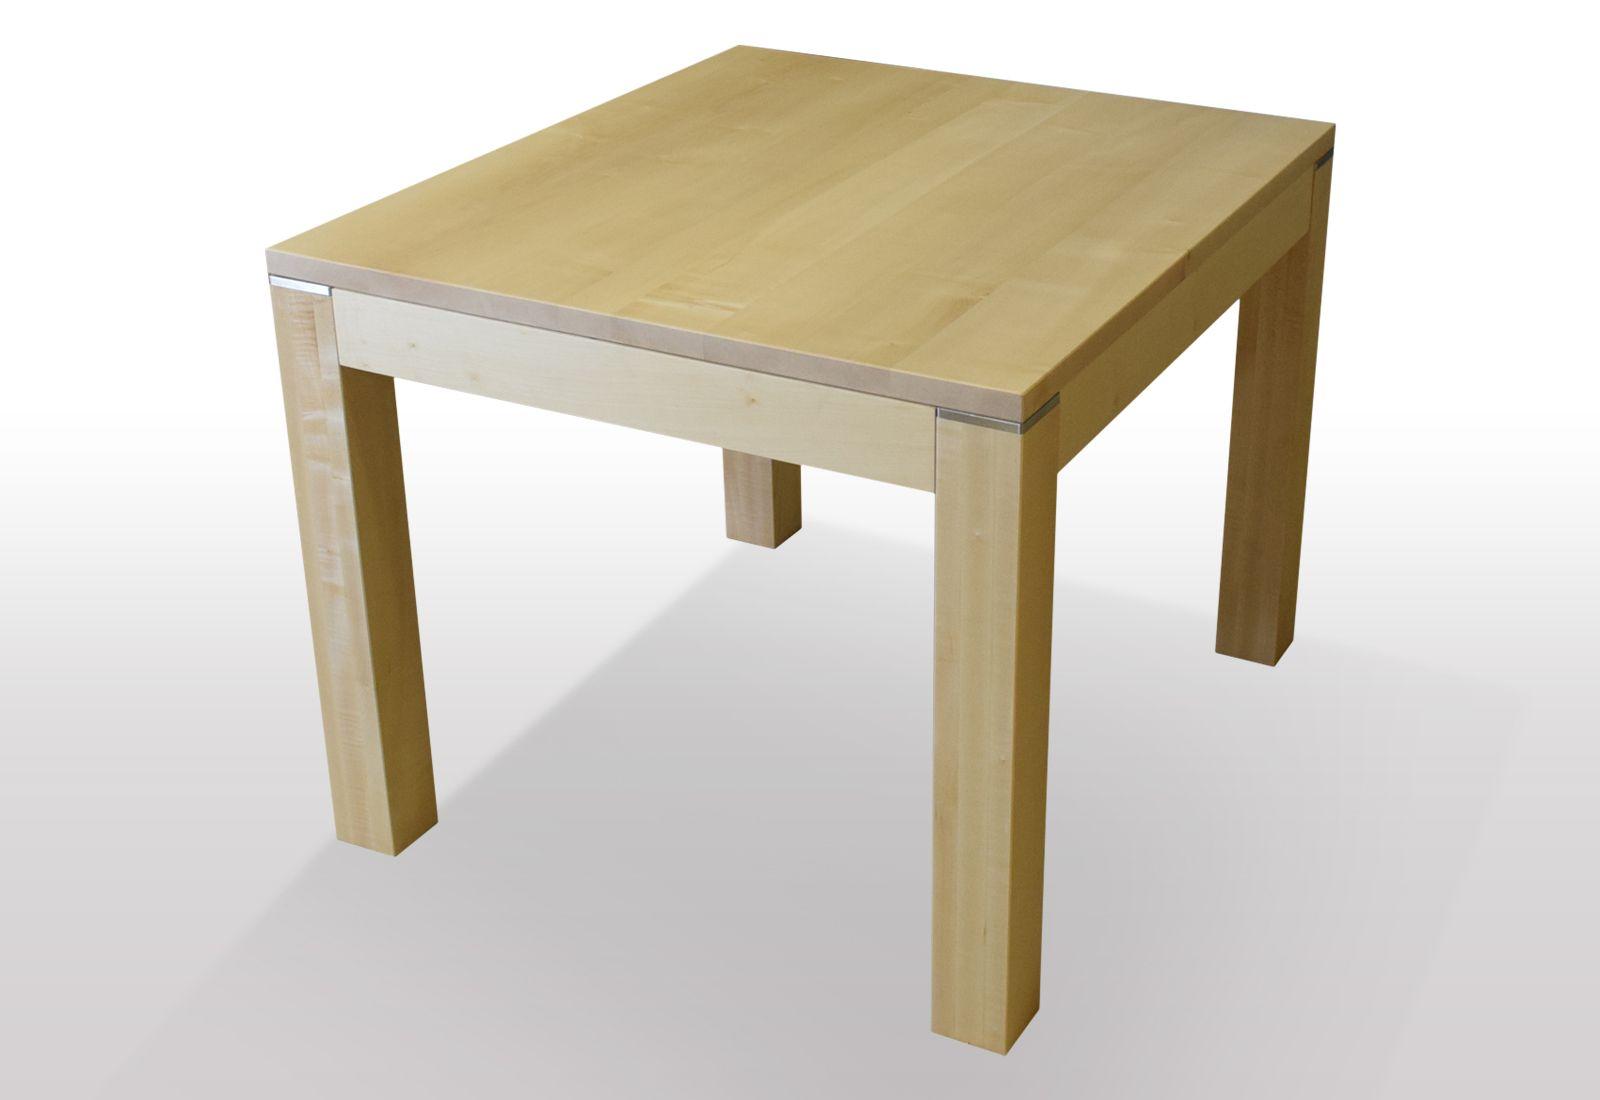 Tisch Ahorn Massiv Breite 80cm Länge Wählbar Unbedingt Kaufen